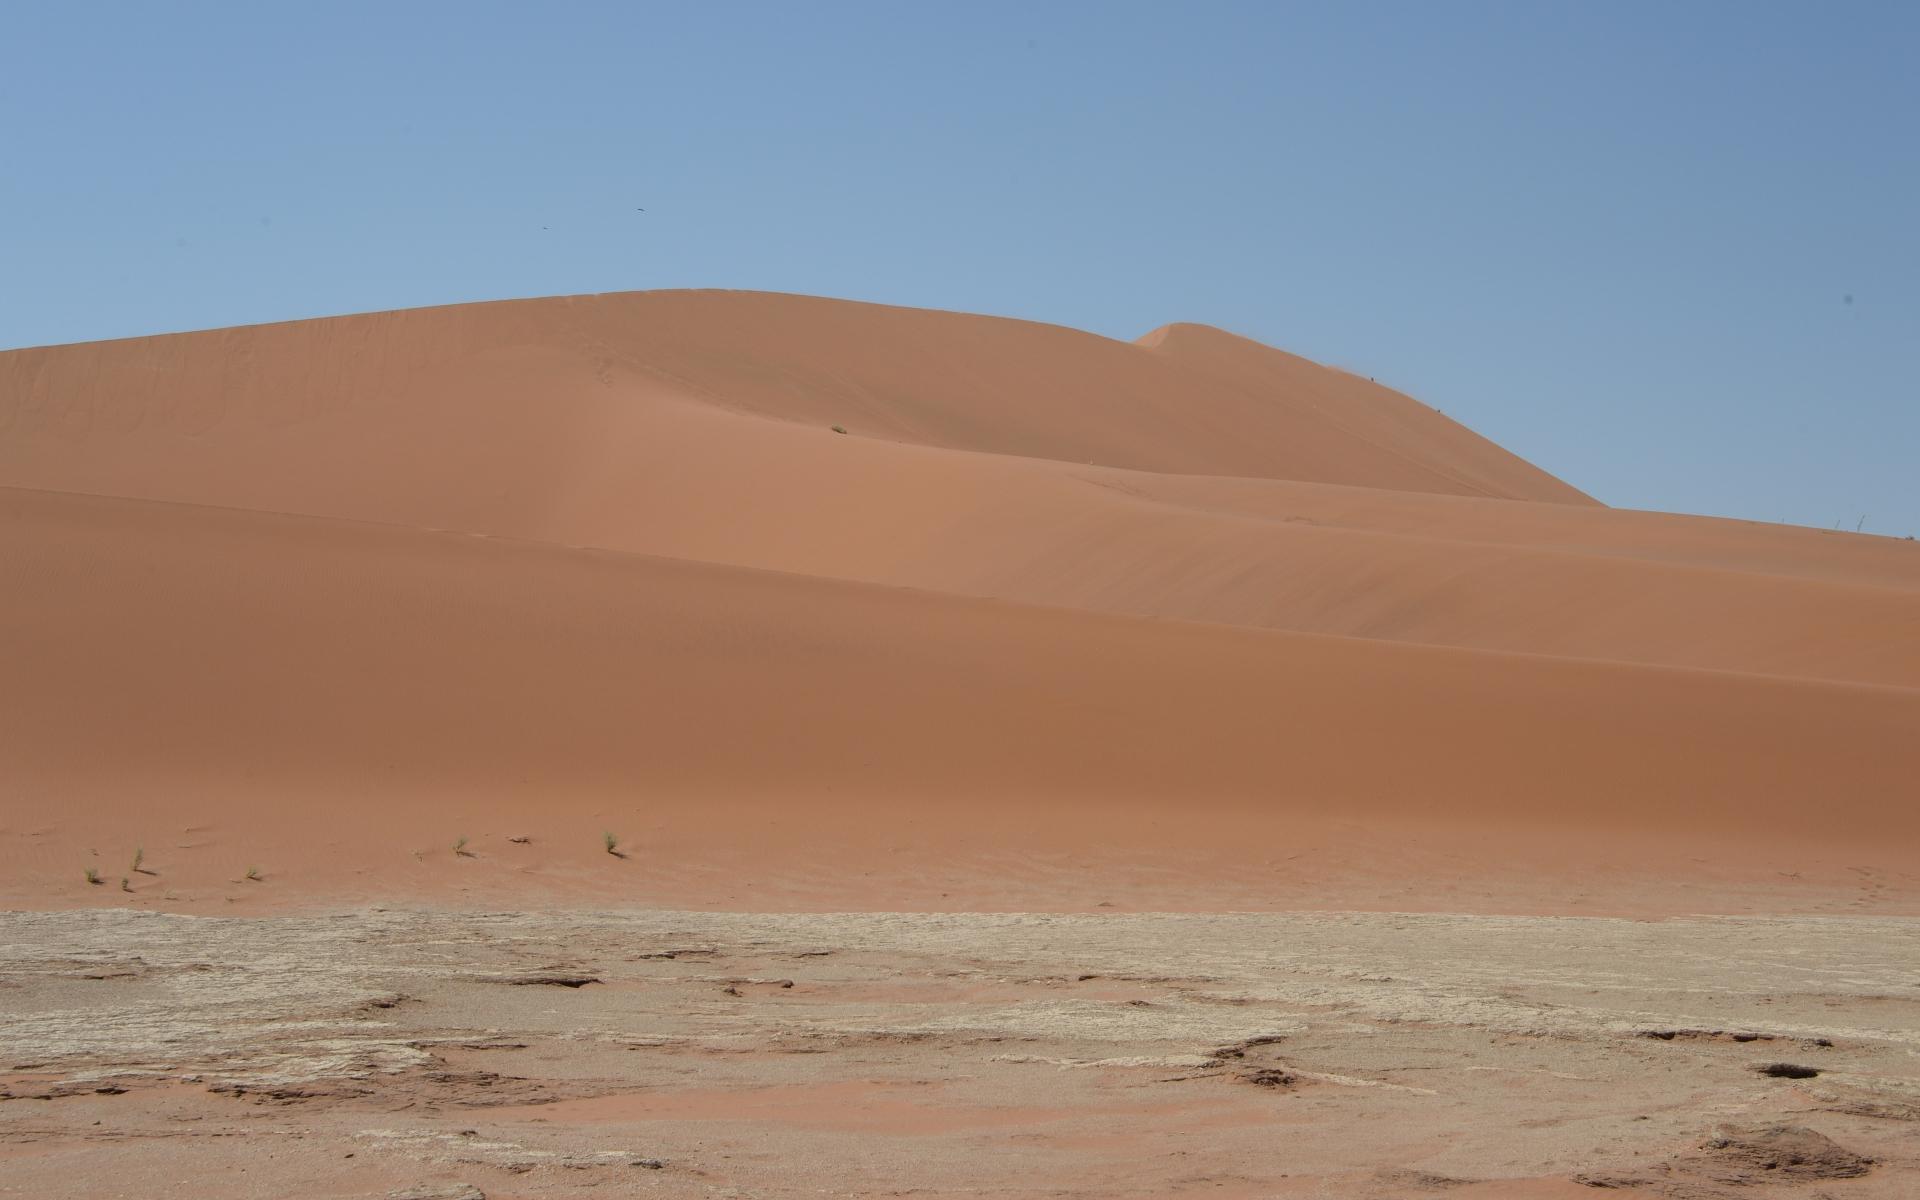 Namibia_Sossusvlei_Deadvlei_19